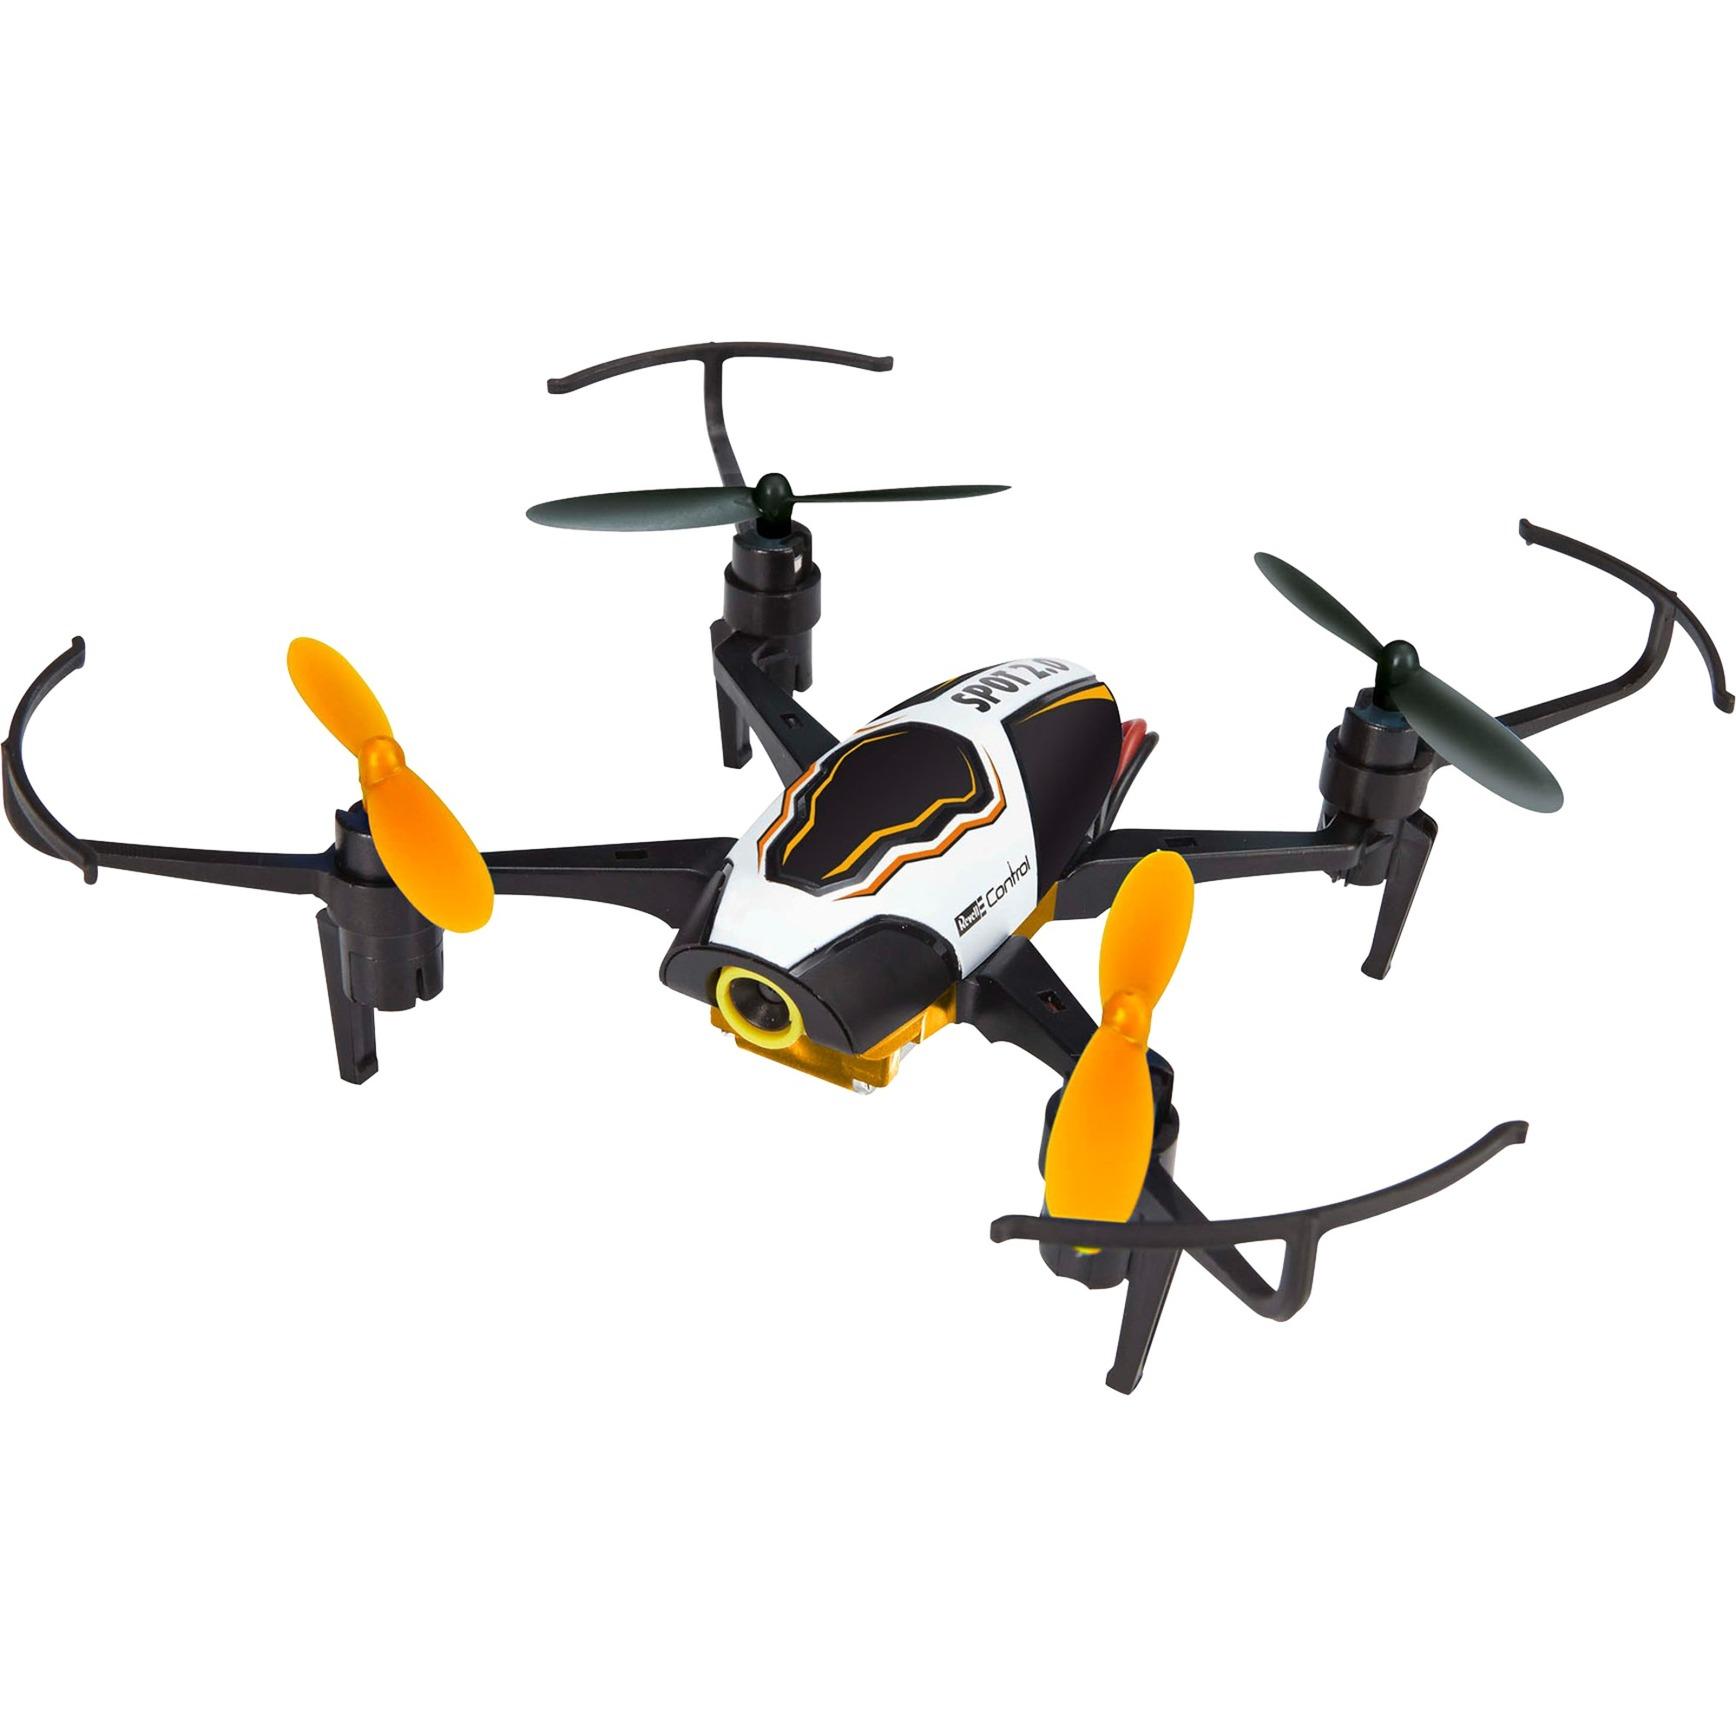 Elicottero Arancione : Elicottero radiocomandato rc canali singolo rotore